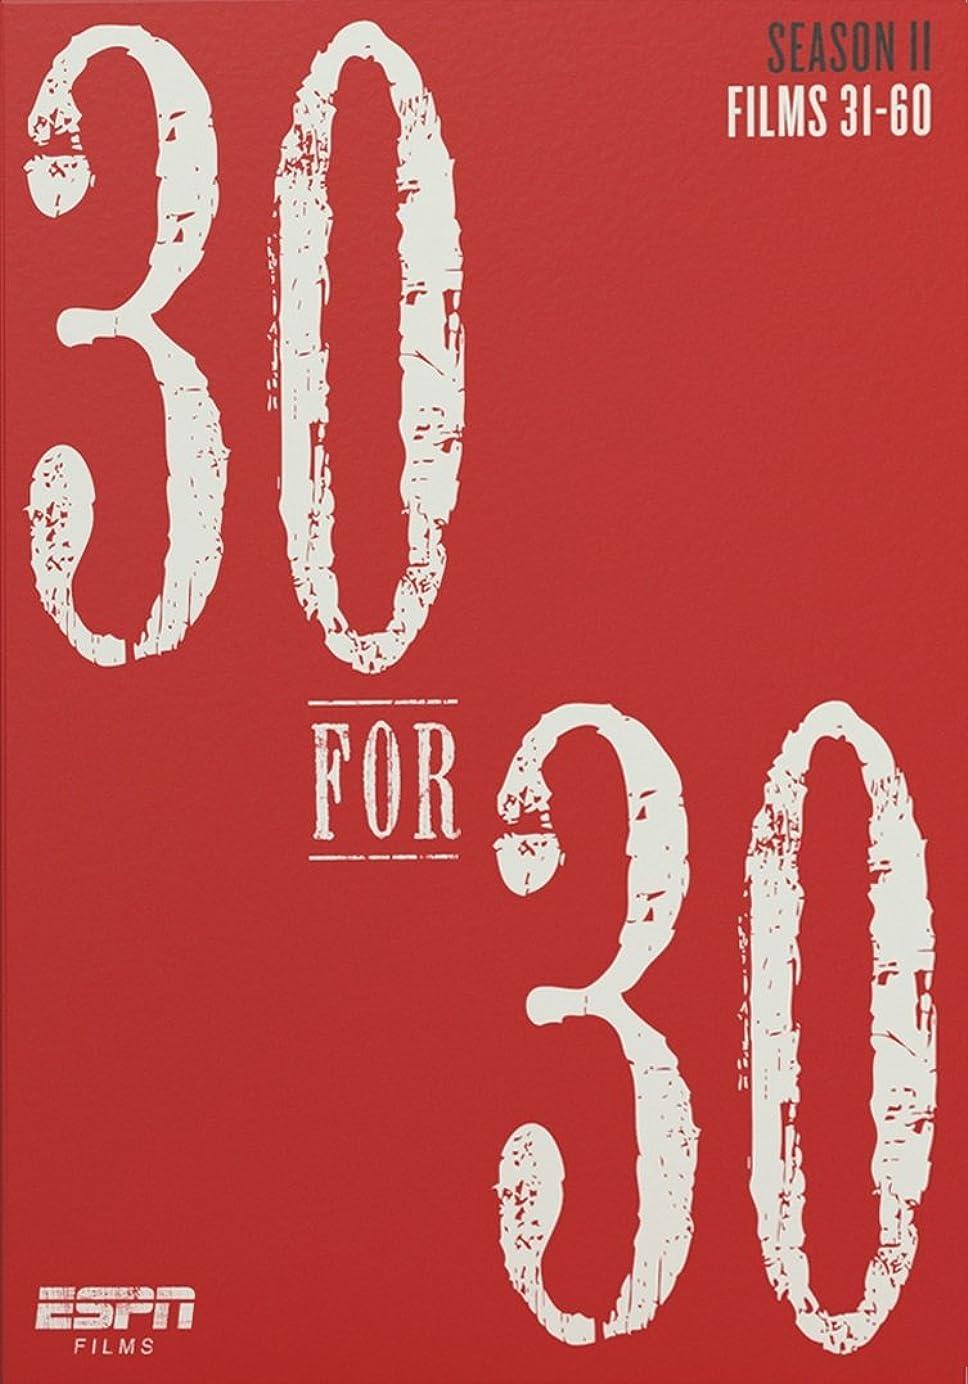 最大化する同意する裕福なEspn 30 for 30: Season 2 Films 31-60 [DVD]